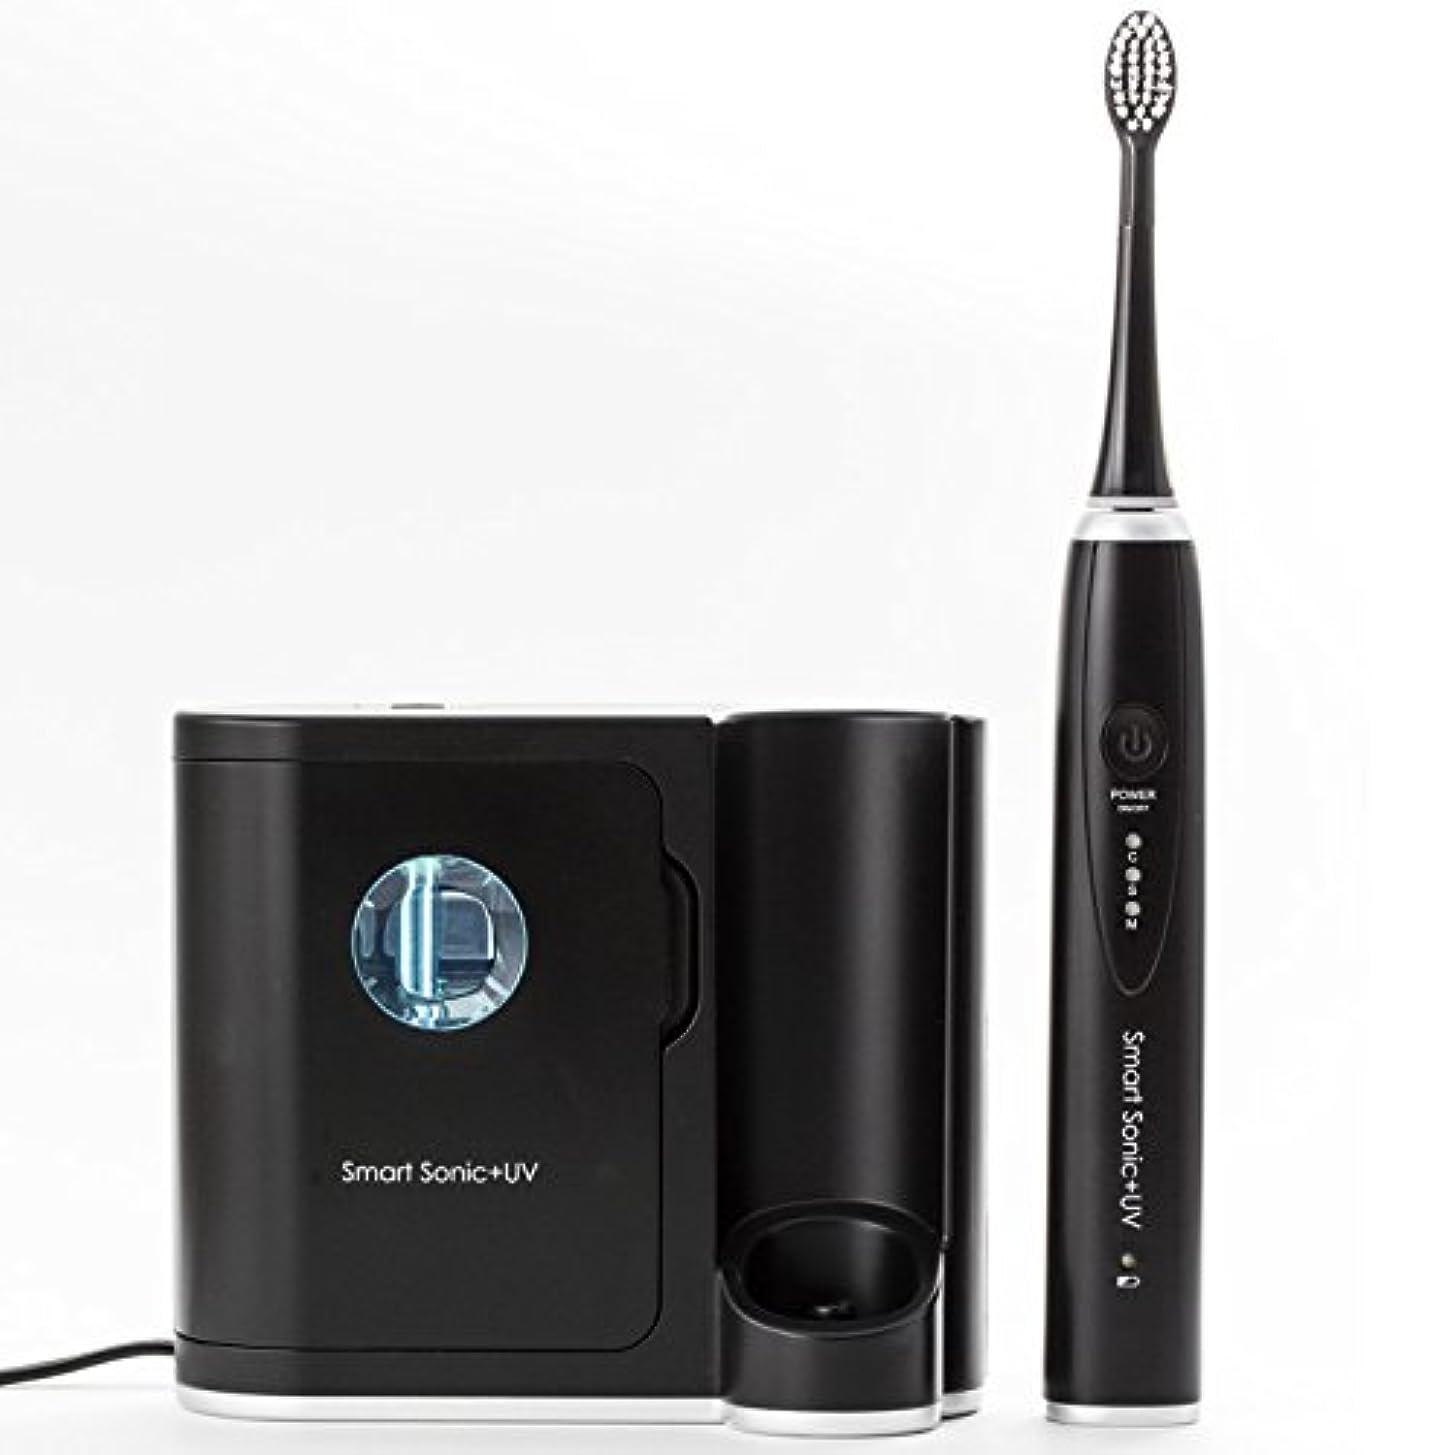 忌避剤発動機流す音波歯ブラシ UV 紫外線除菌 歯ブラシ 殺菌機能付き 電動歯ブラシ スマートソニック プラス UV Smart Sonic UV